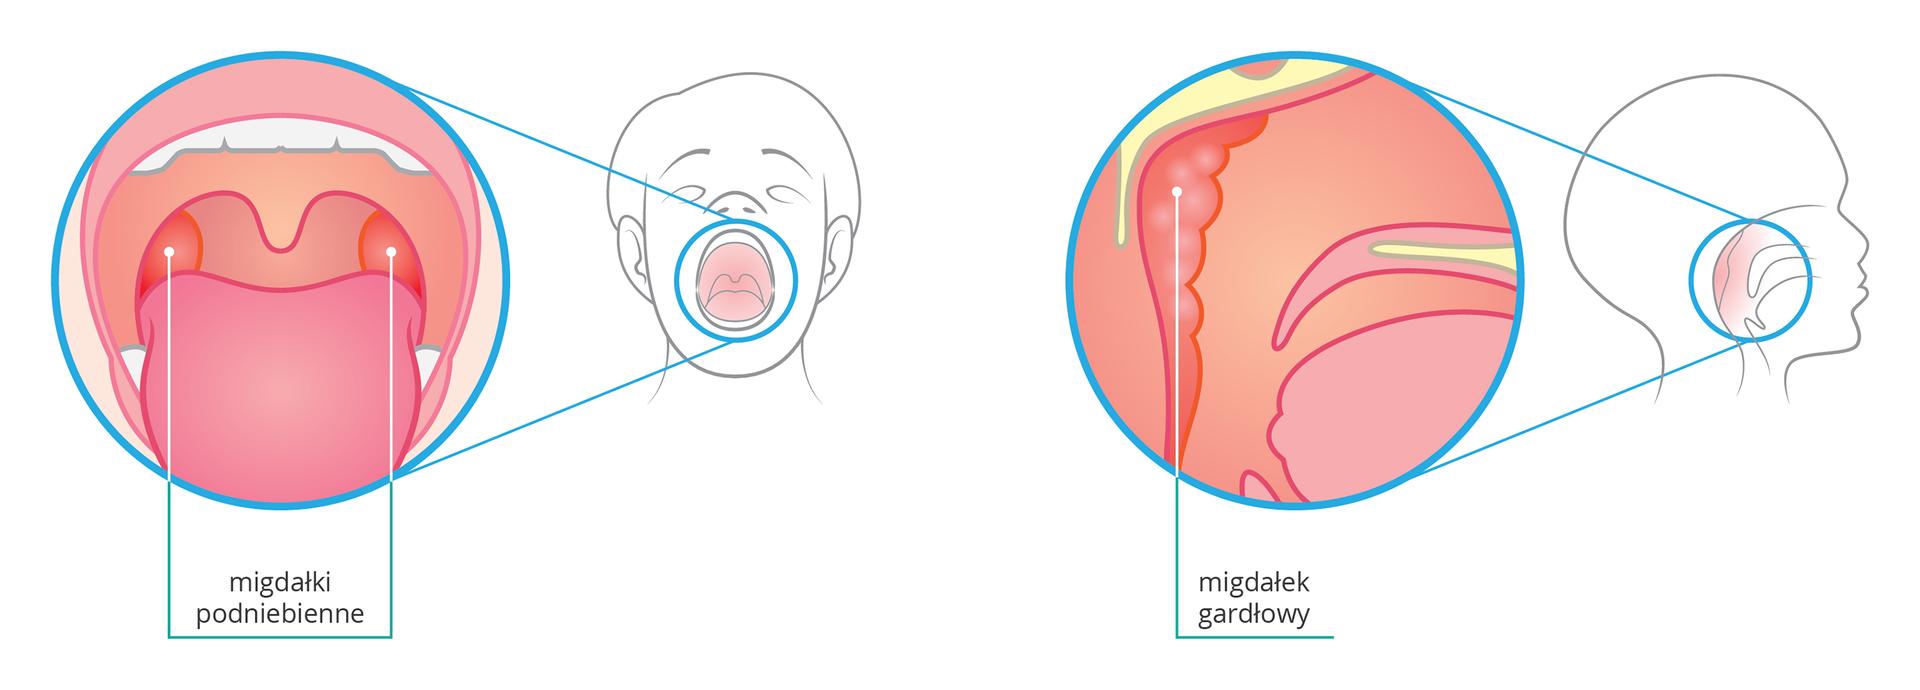 Ilustracja przedstawia dwa kolorowe rysunki gardła człowieka: wprost iprofilem. Obok powiększeń schematyczne rysunki głowy człowieka zszeroko otwartymi ustami. Zlewej wgłębi za różowym językiem wskazano pomarańczowe migdałki podniebienne po obu stronach gardła. Zprawej na powiększeniu wskazano groniasty migdałek gardłowy na tylnej ścianie gardła.